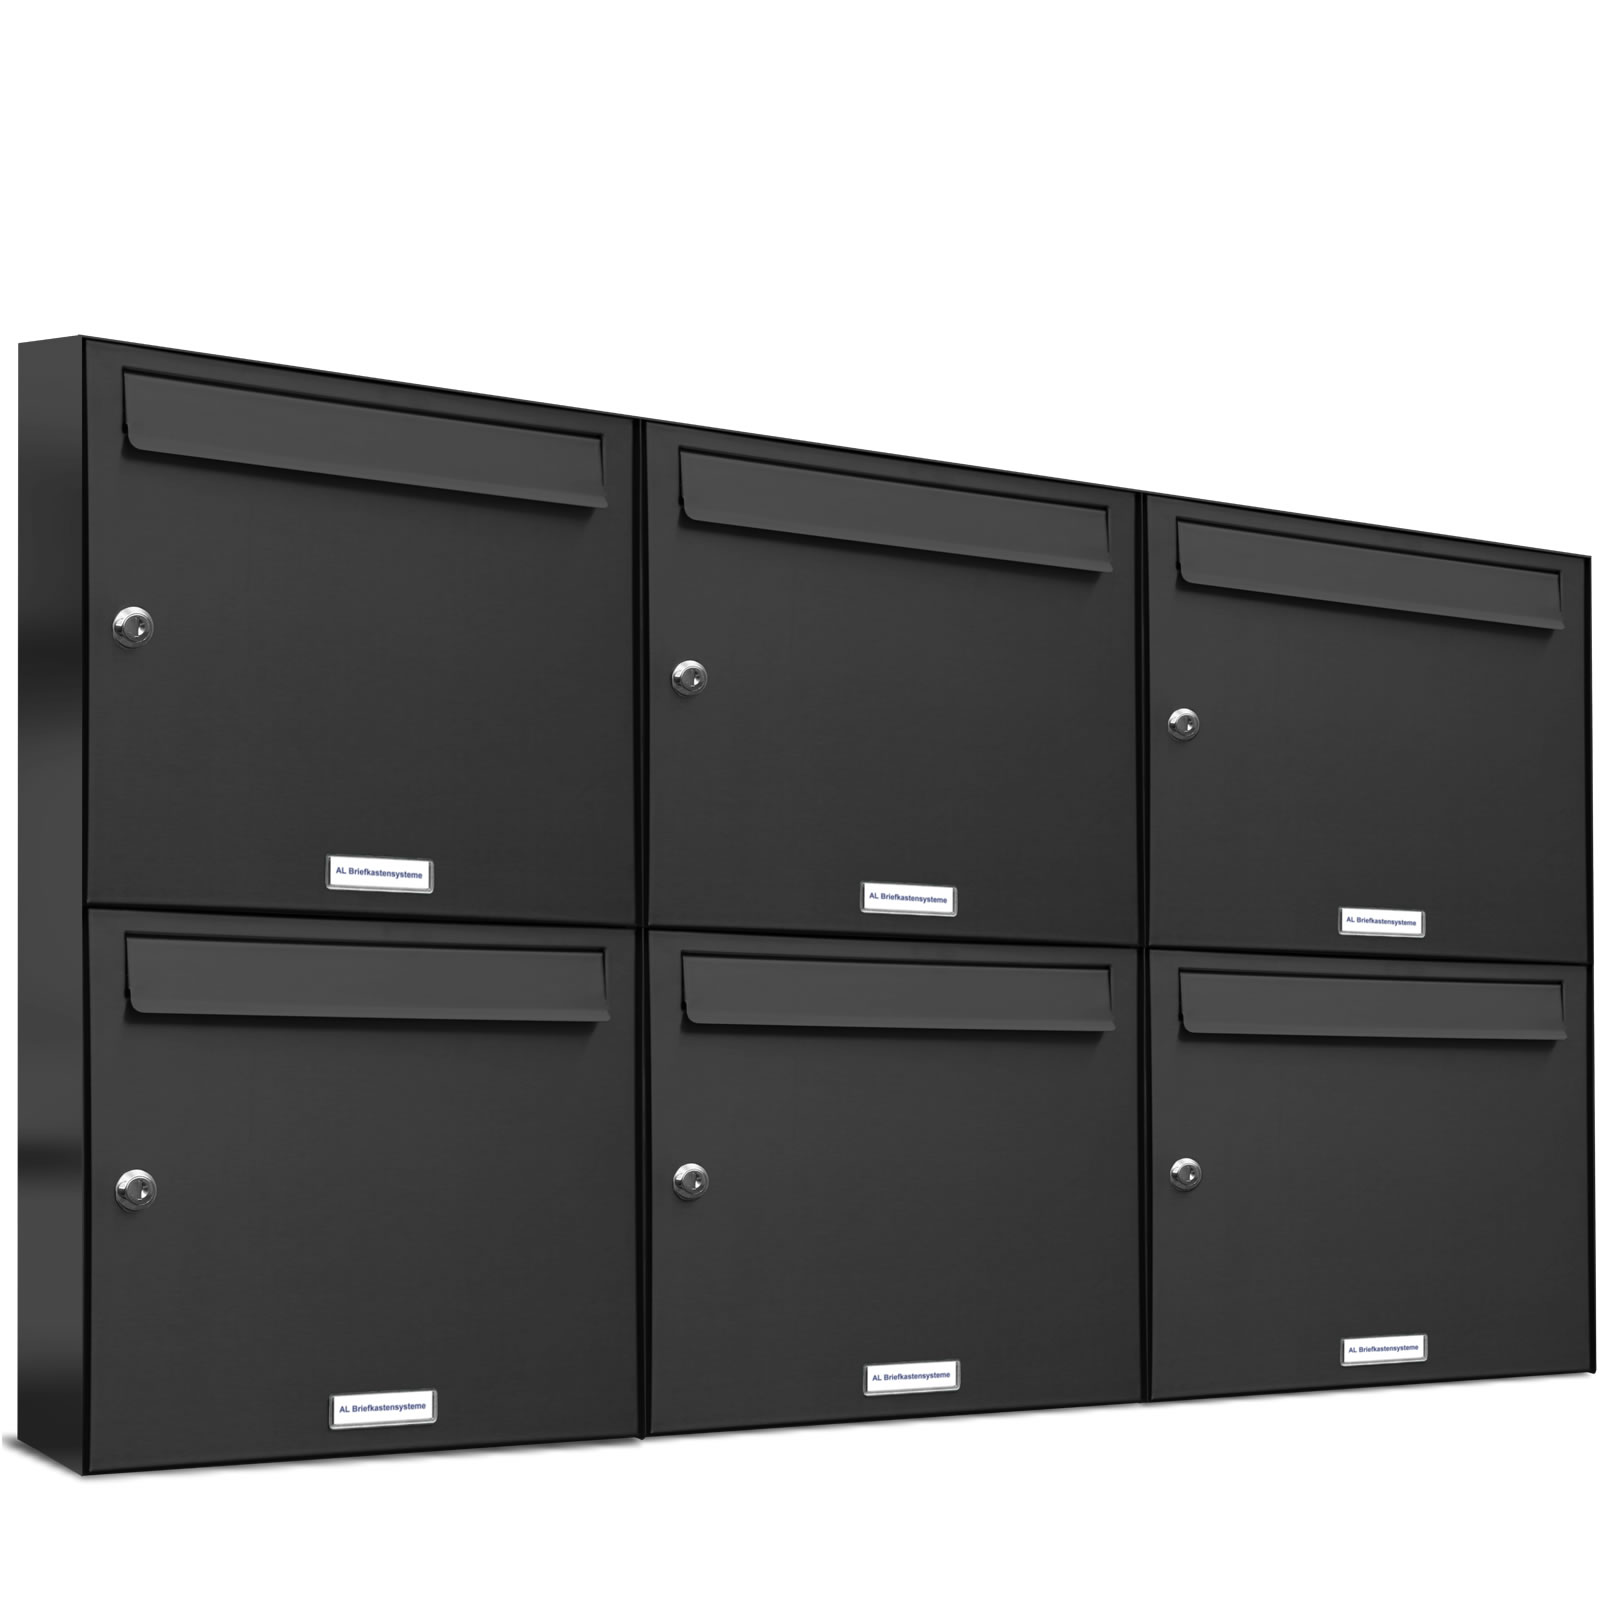 6er premium wand briefkasten anthrazit ral 7016 6 fach a4 postkasten design a4 ebay. Black Bedroom Furniture Sets. Home Design Ideas